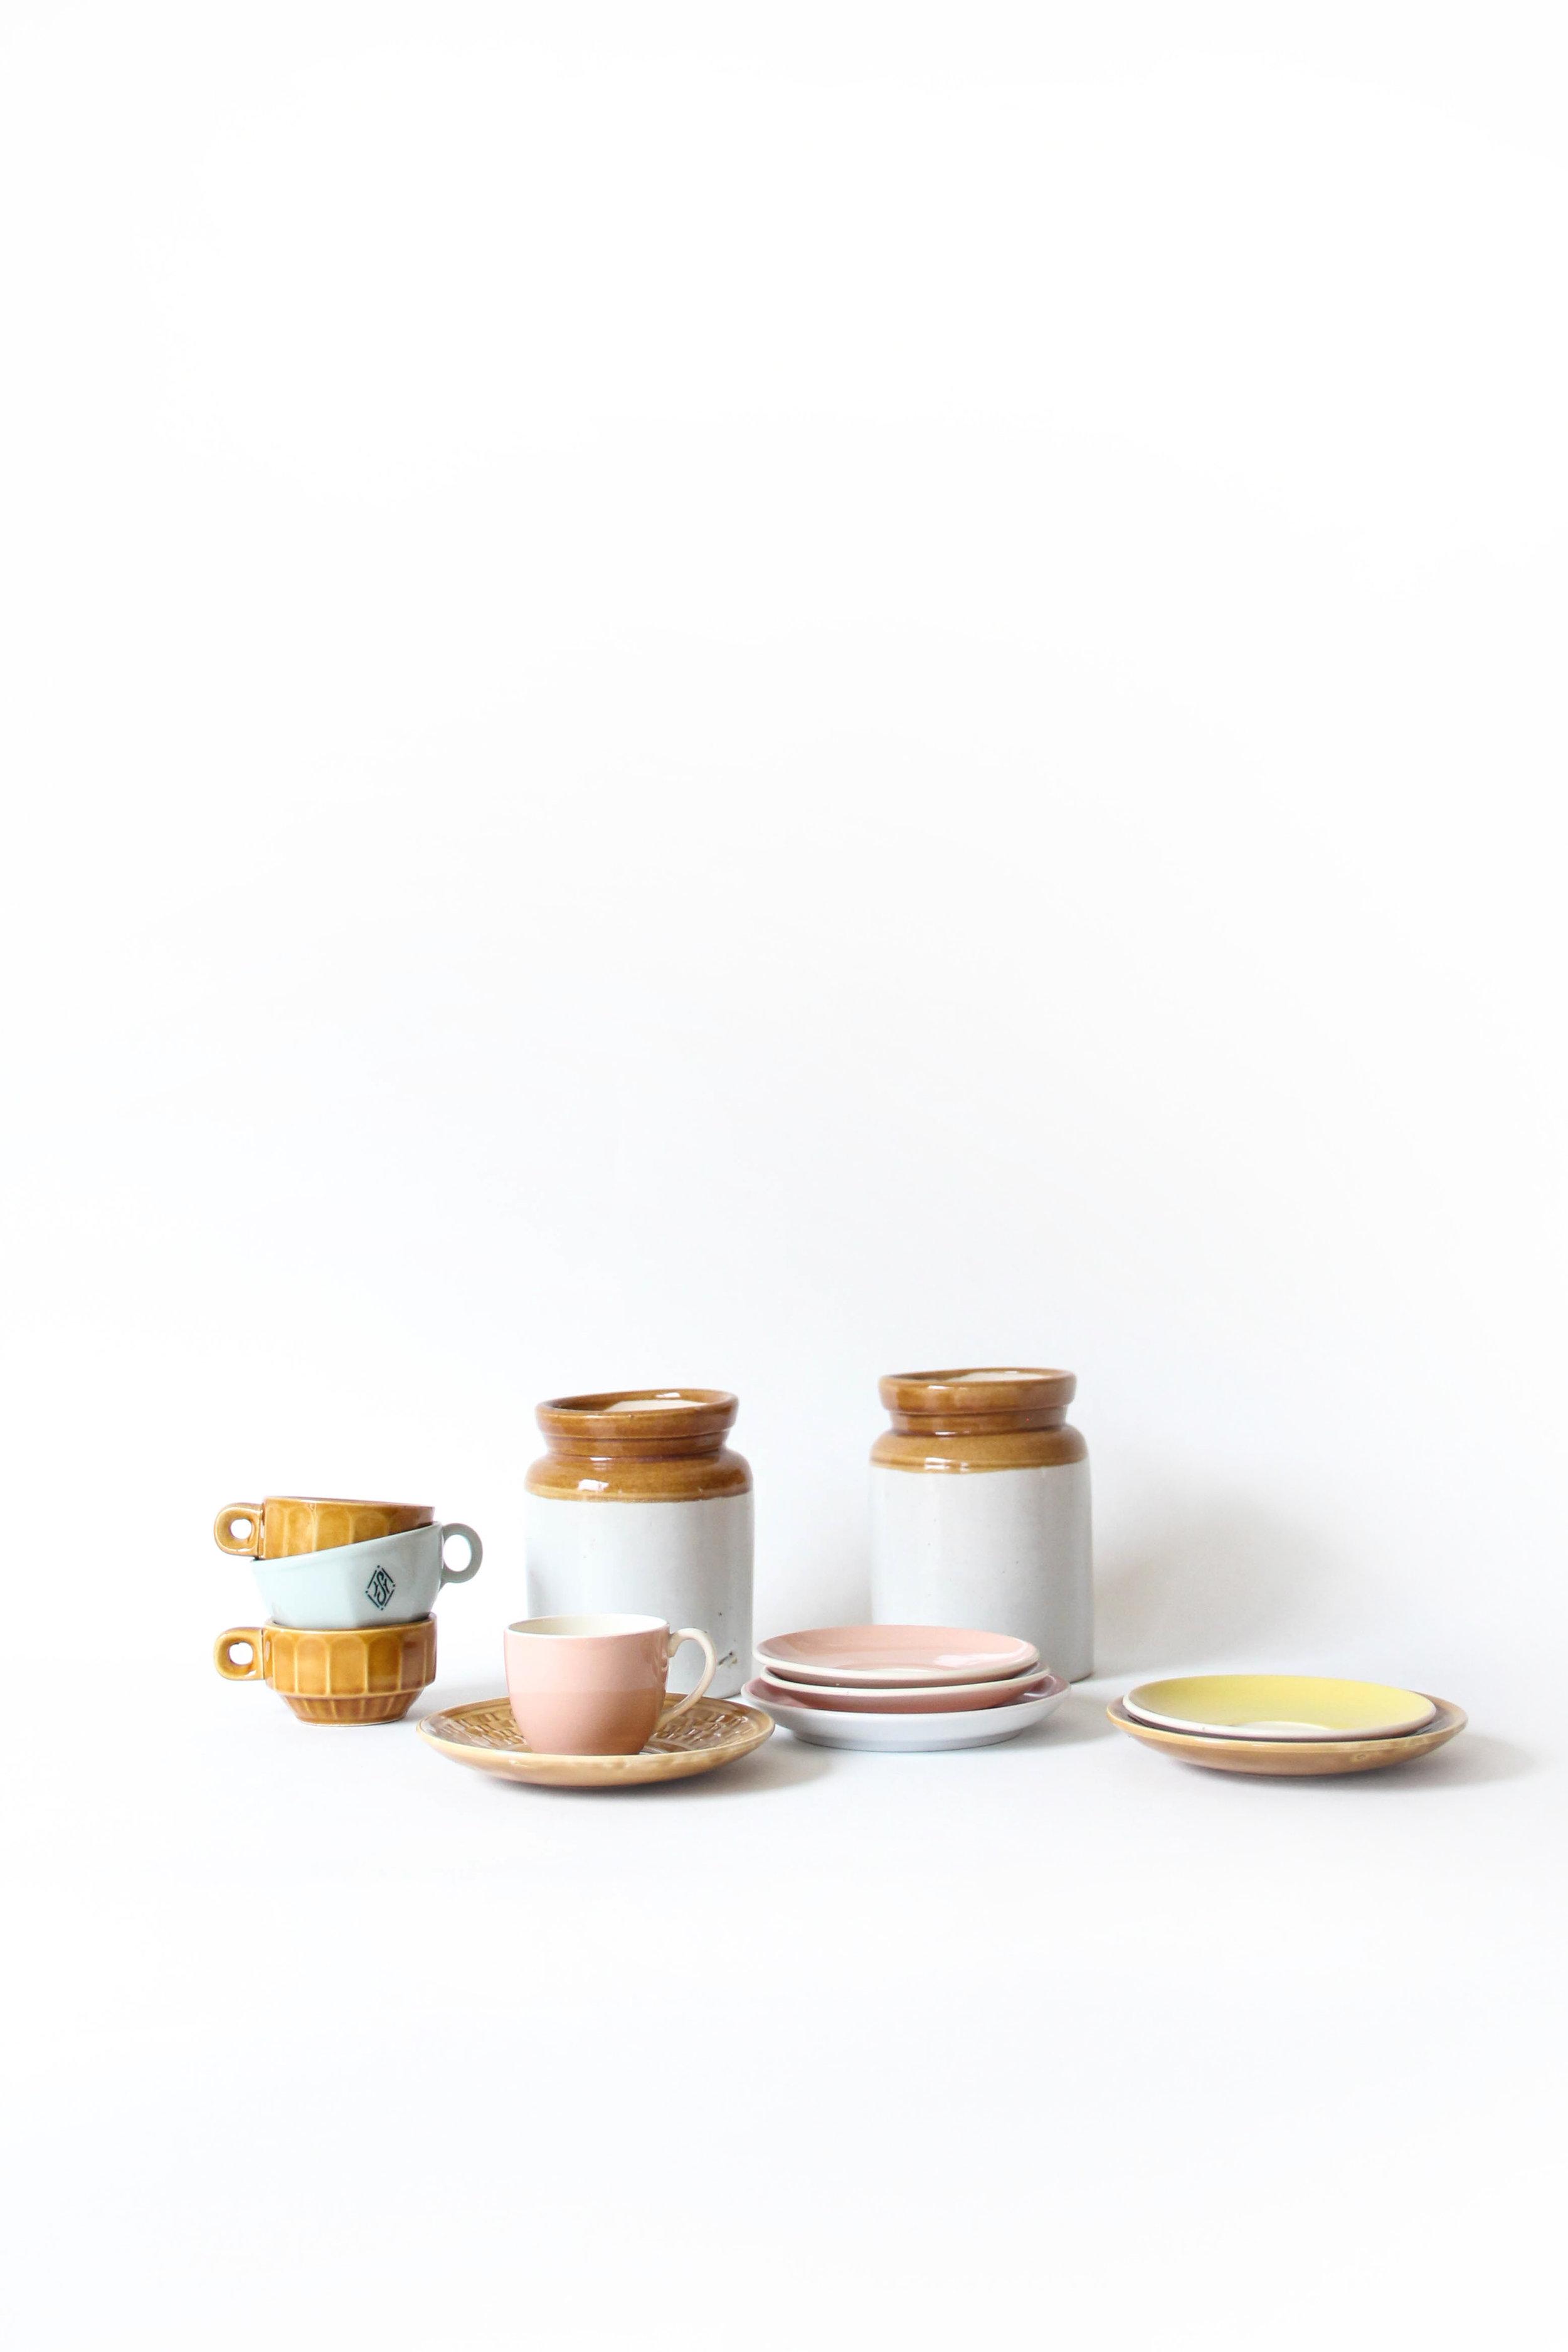 Espresso - € 37 - - Koffieset 6 personen- Bevat: 6 kleine kopjes, 6 ondertasjes, 2 stenen potten voor koffie of koek (13,5 cm hoog)- Vaatwas: fragiel, beter met de hand- Gebruikssporen, één schoteltje heeft een lichte beschadiging